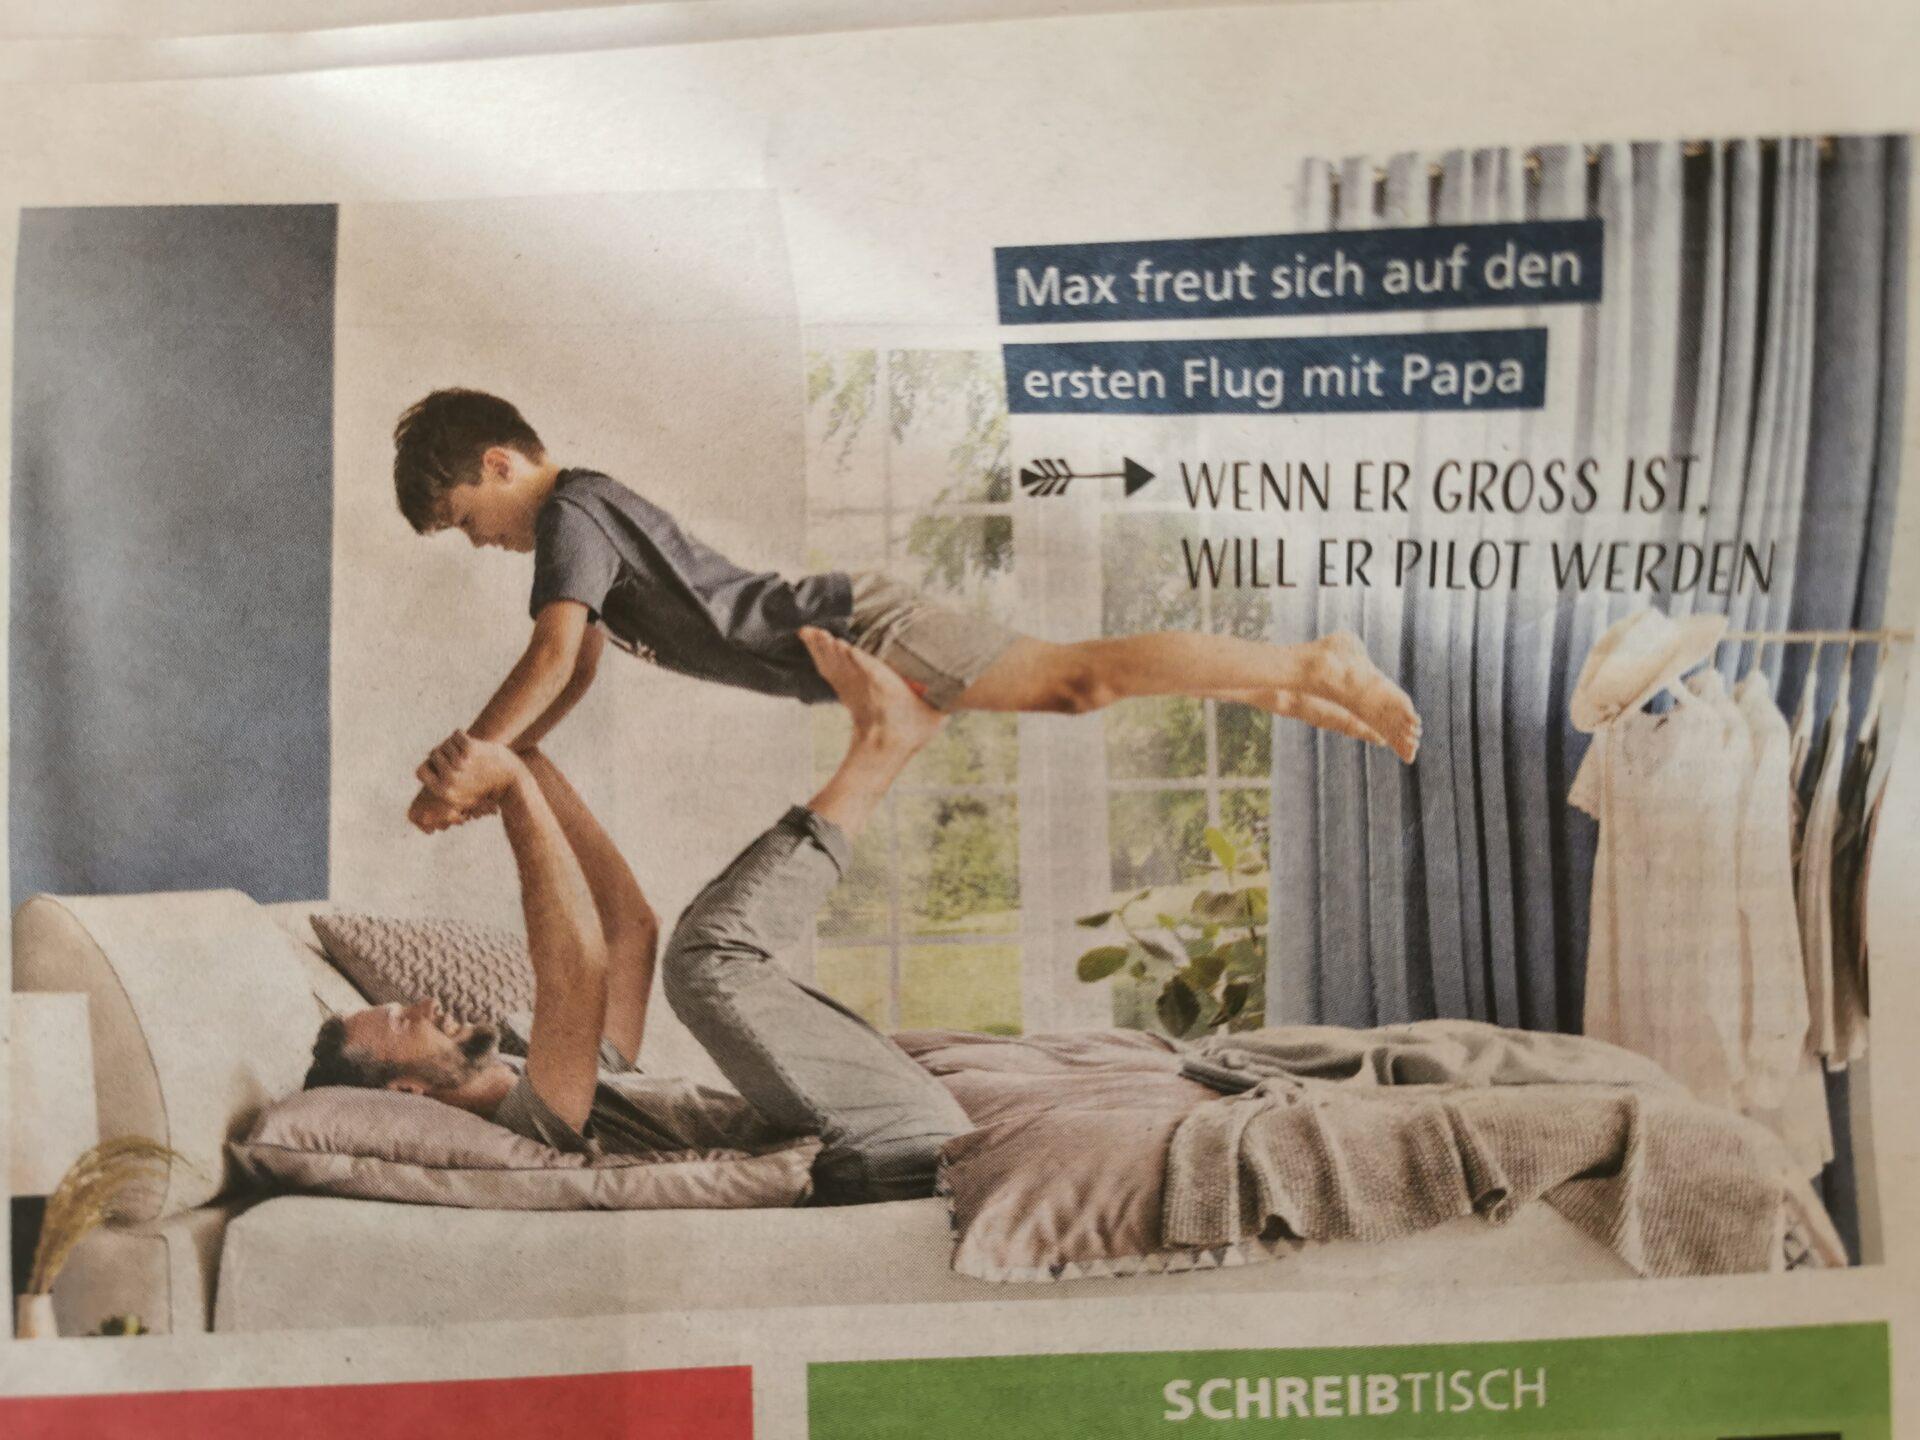 Vater balanciert Sohn auf Füßen in Werbung